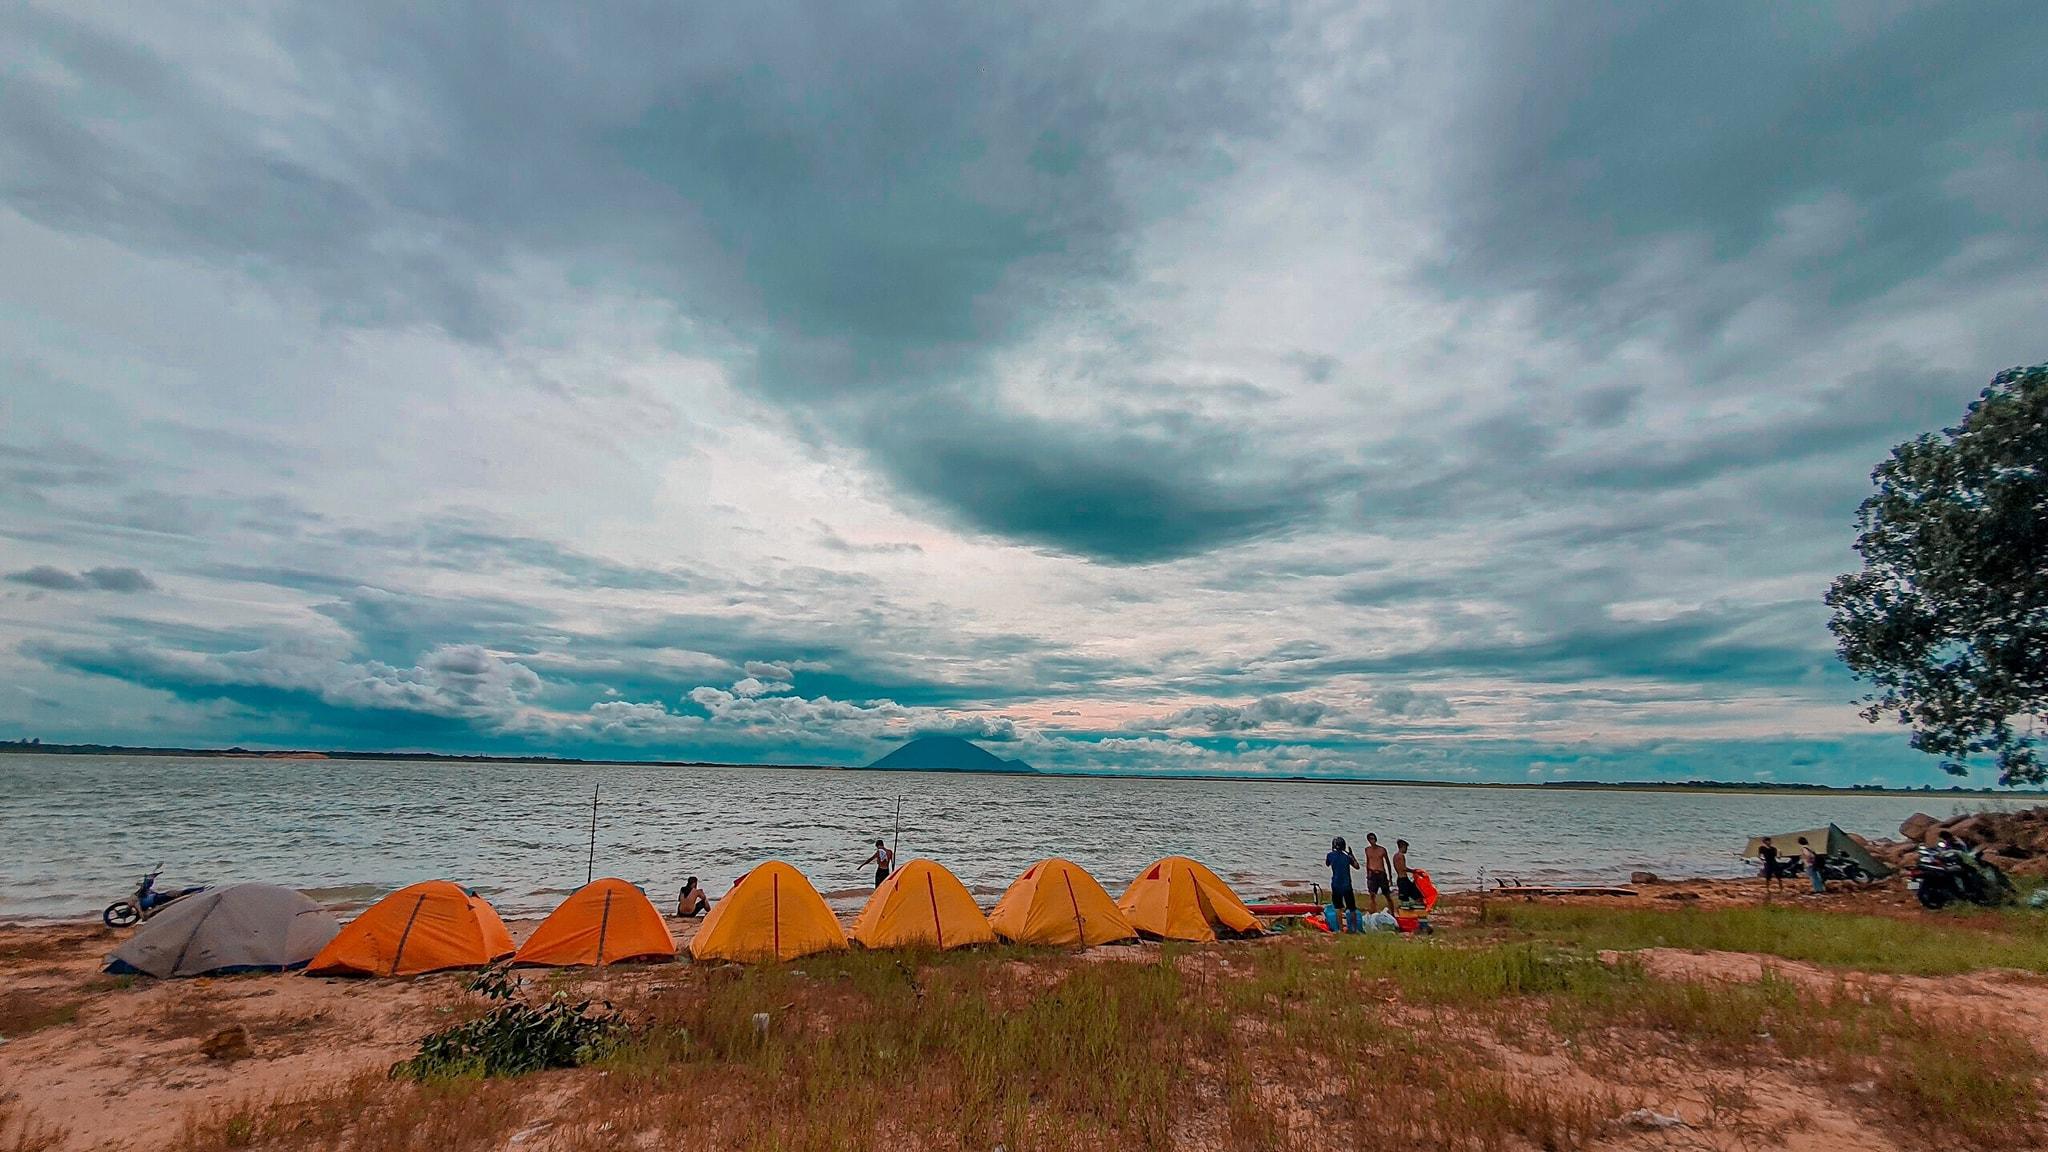 Đến hồ Dầu Tiếng, chiêm ngưỡng cảnh đẹp hút hồn tại địa điểm cắm trại hot nhất Tây Ninh  - Ảnh 6.